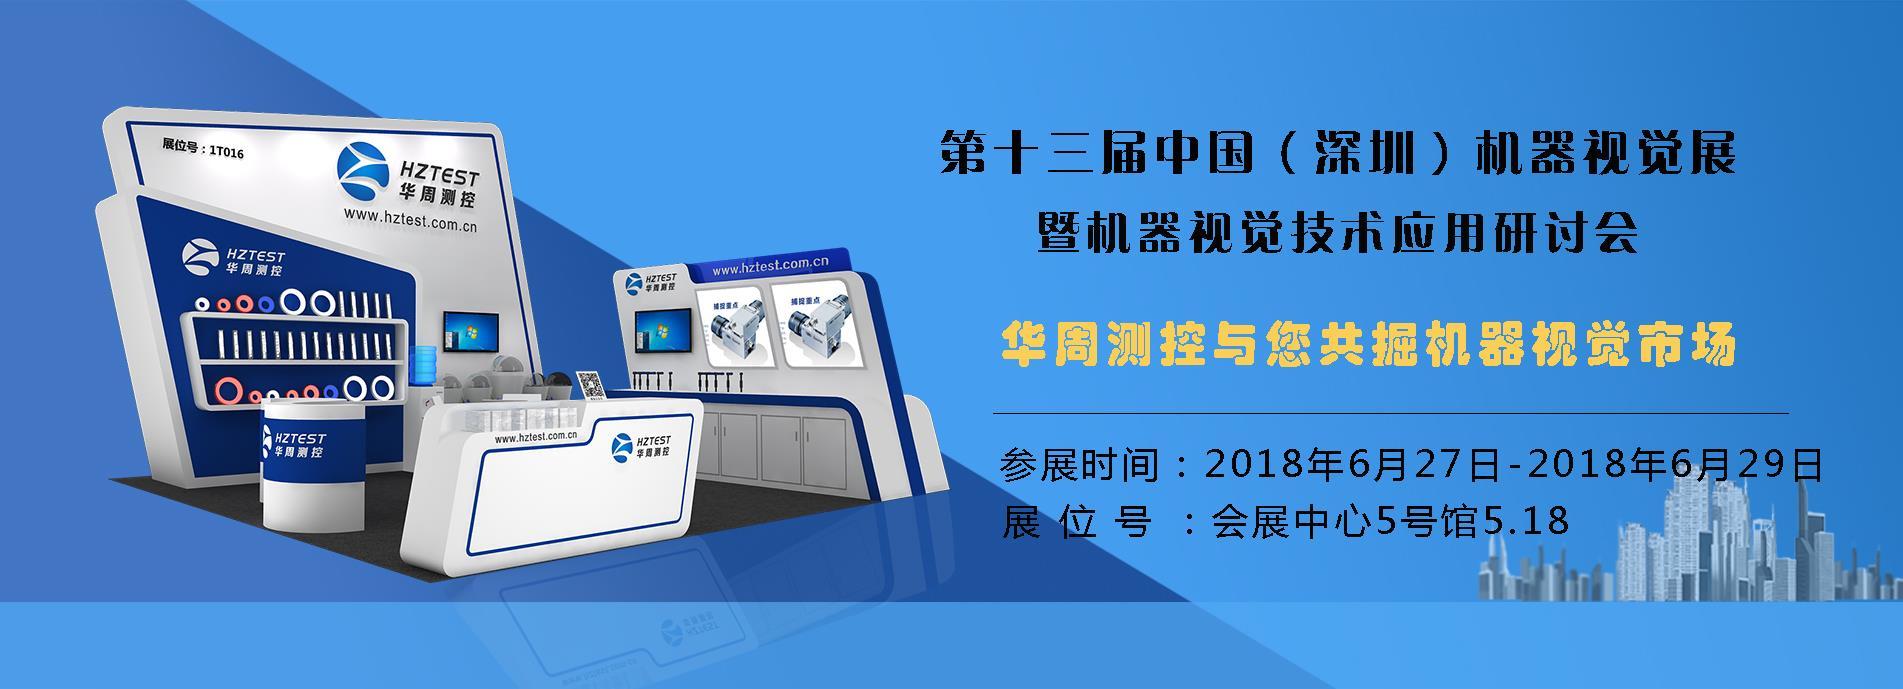 中国(深圳)机器视觉展暨机器视觉技术及工业应用研讨会